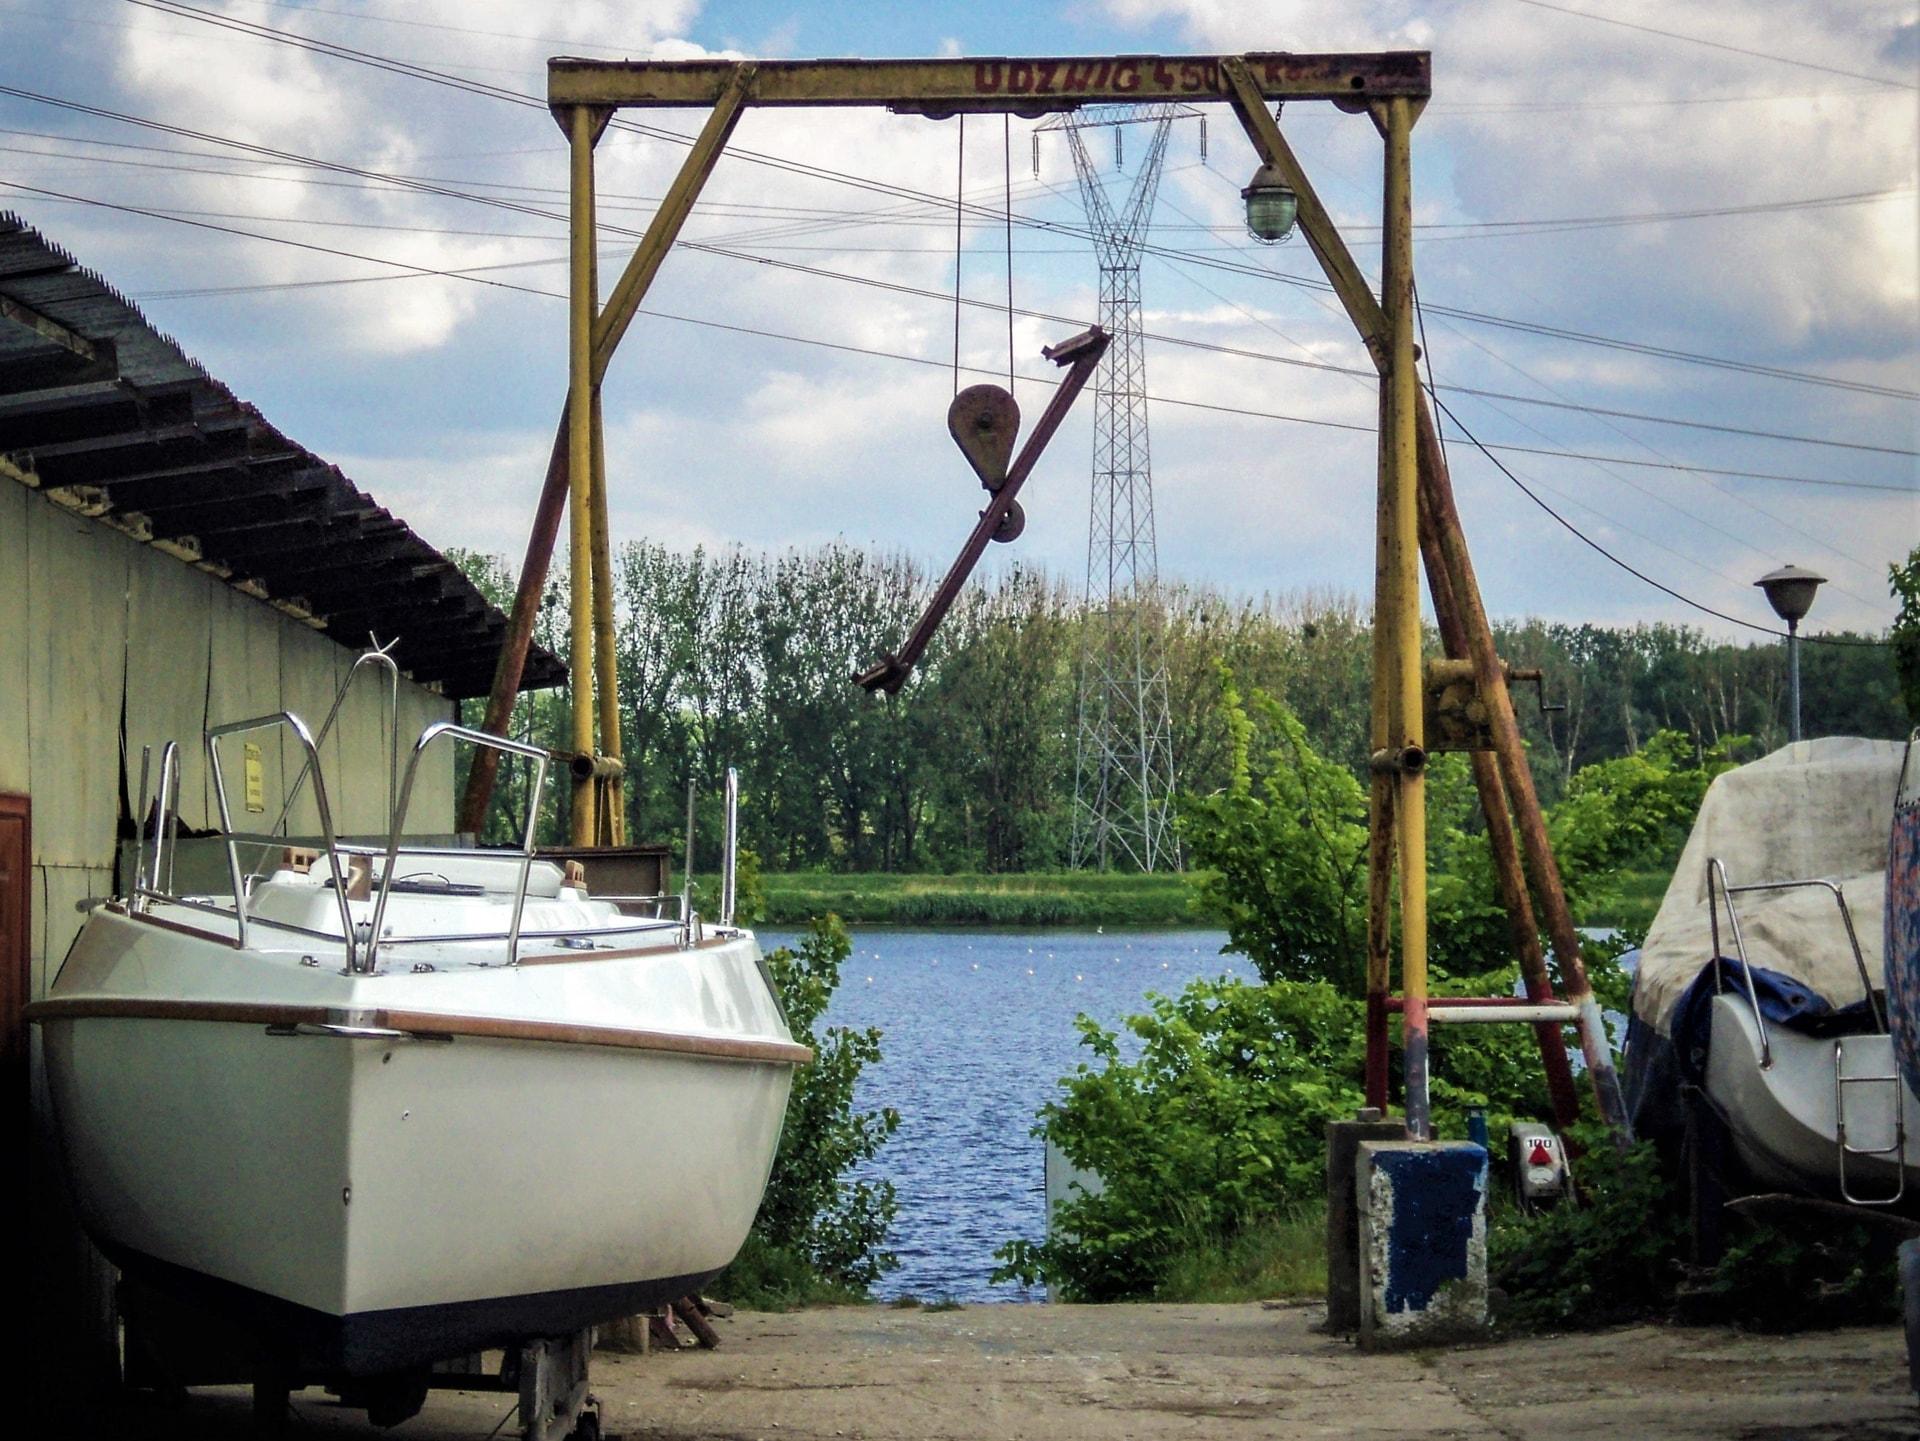 okolice-jacht